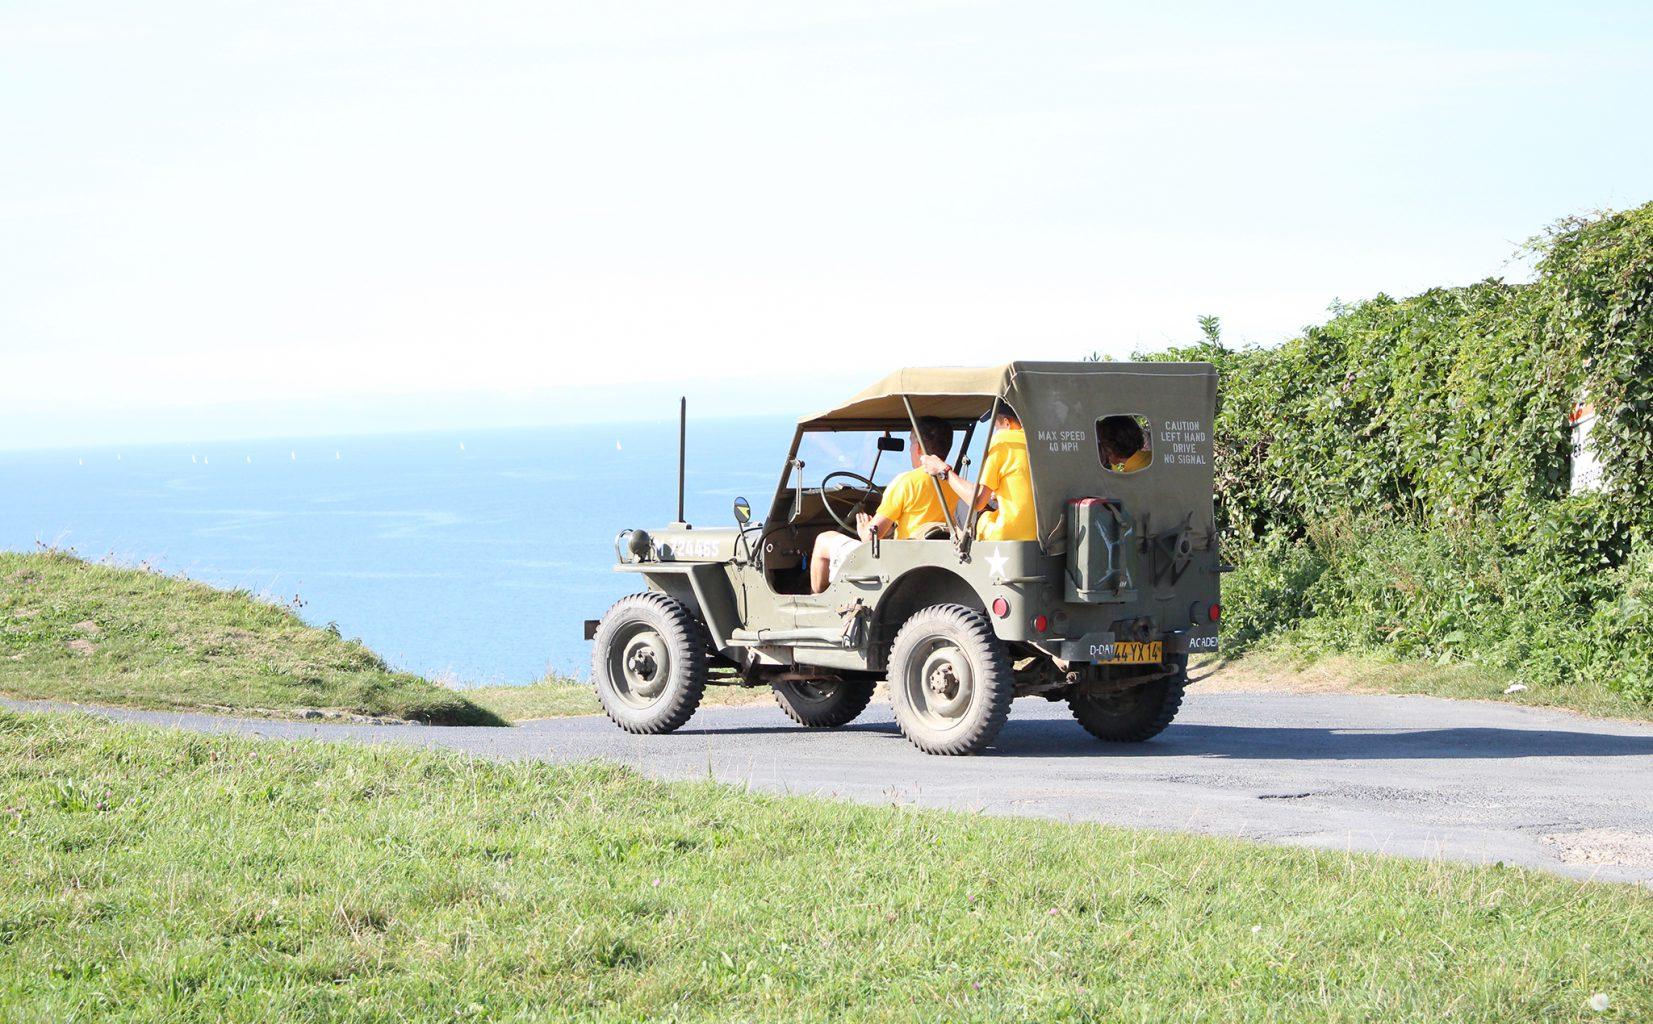 Rallye-DDAY-Debarquement-omaha-beach-sortie-jeep-normandie-Calvados-Caen-mémorial